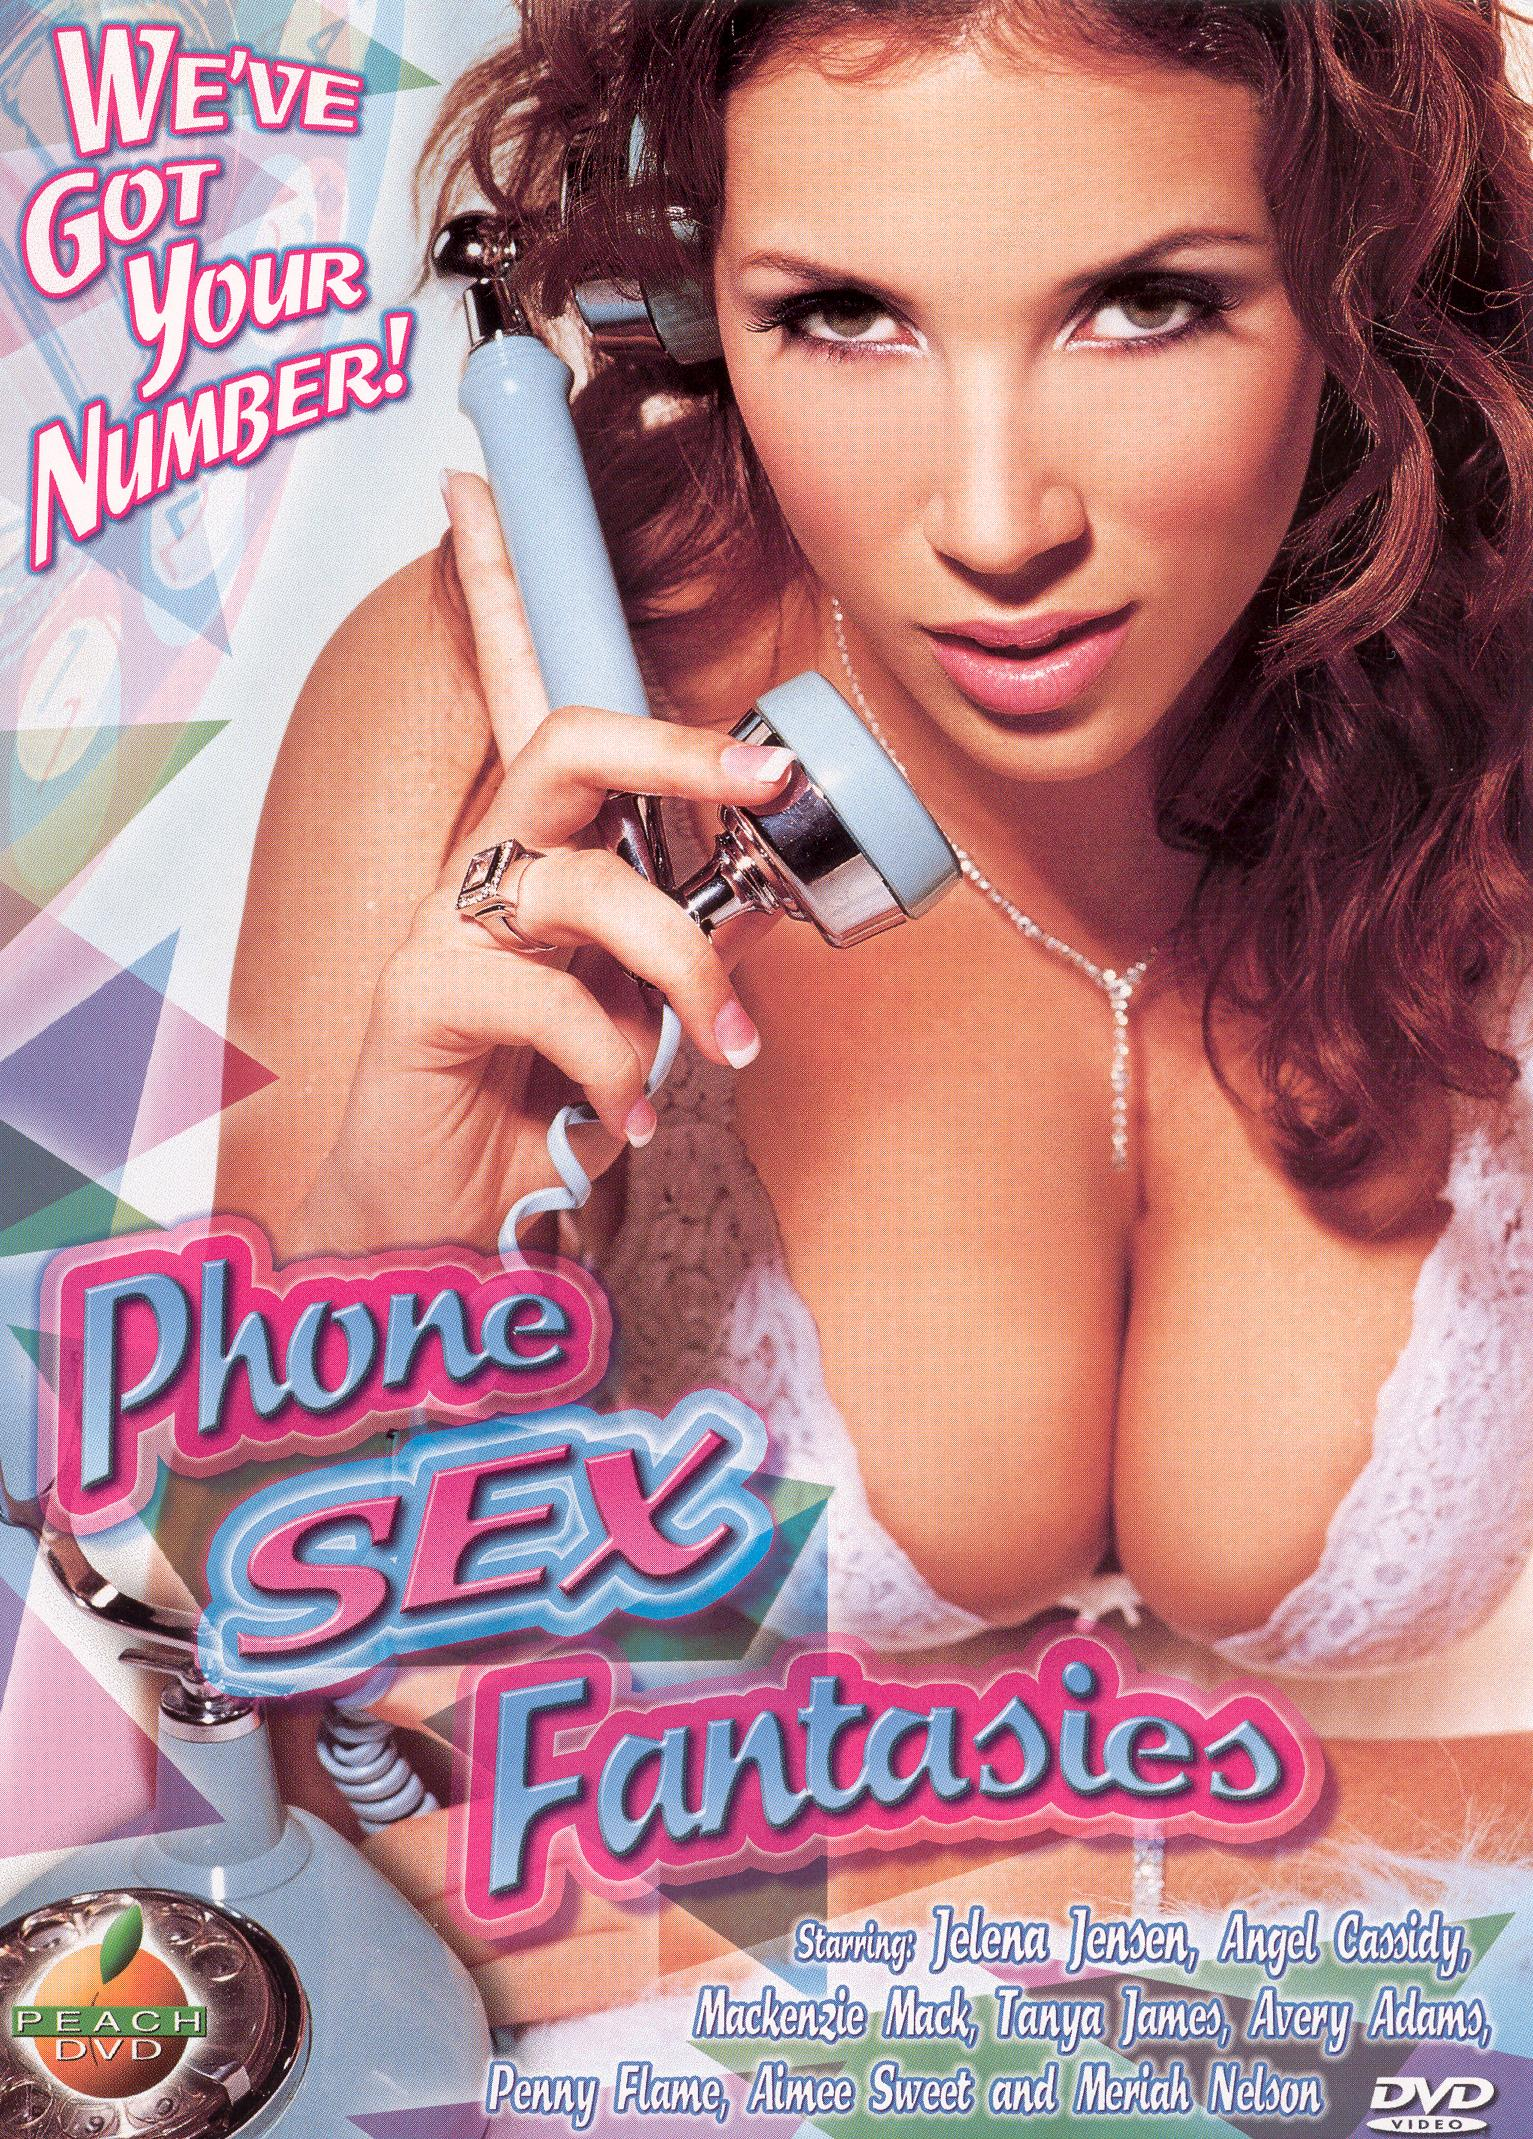 Phone Sex Fantasies